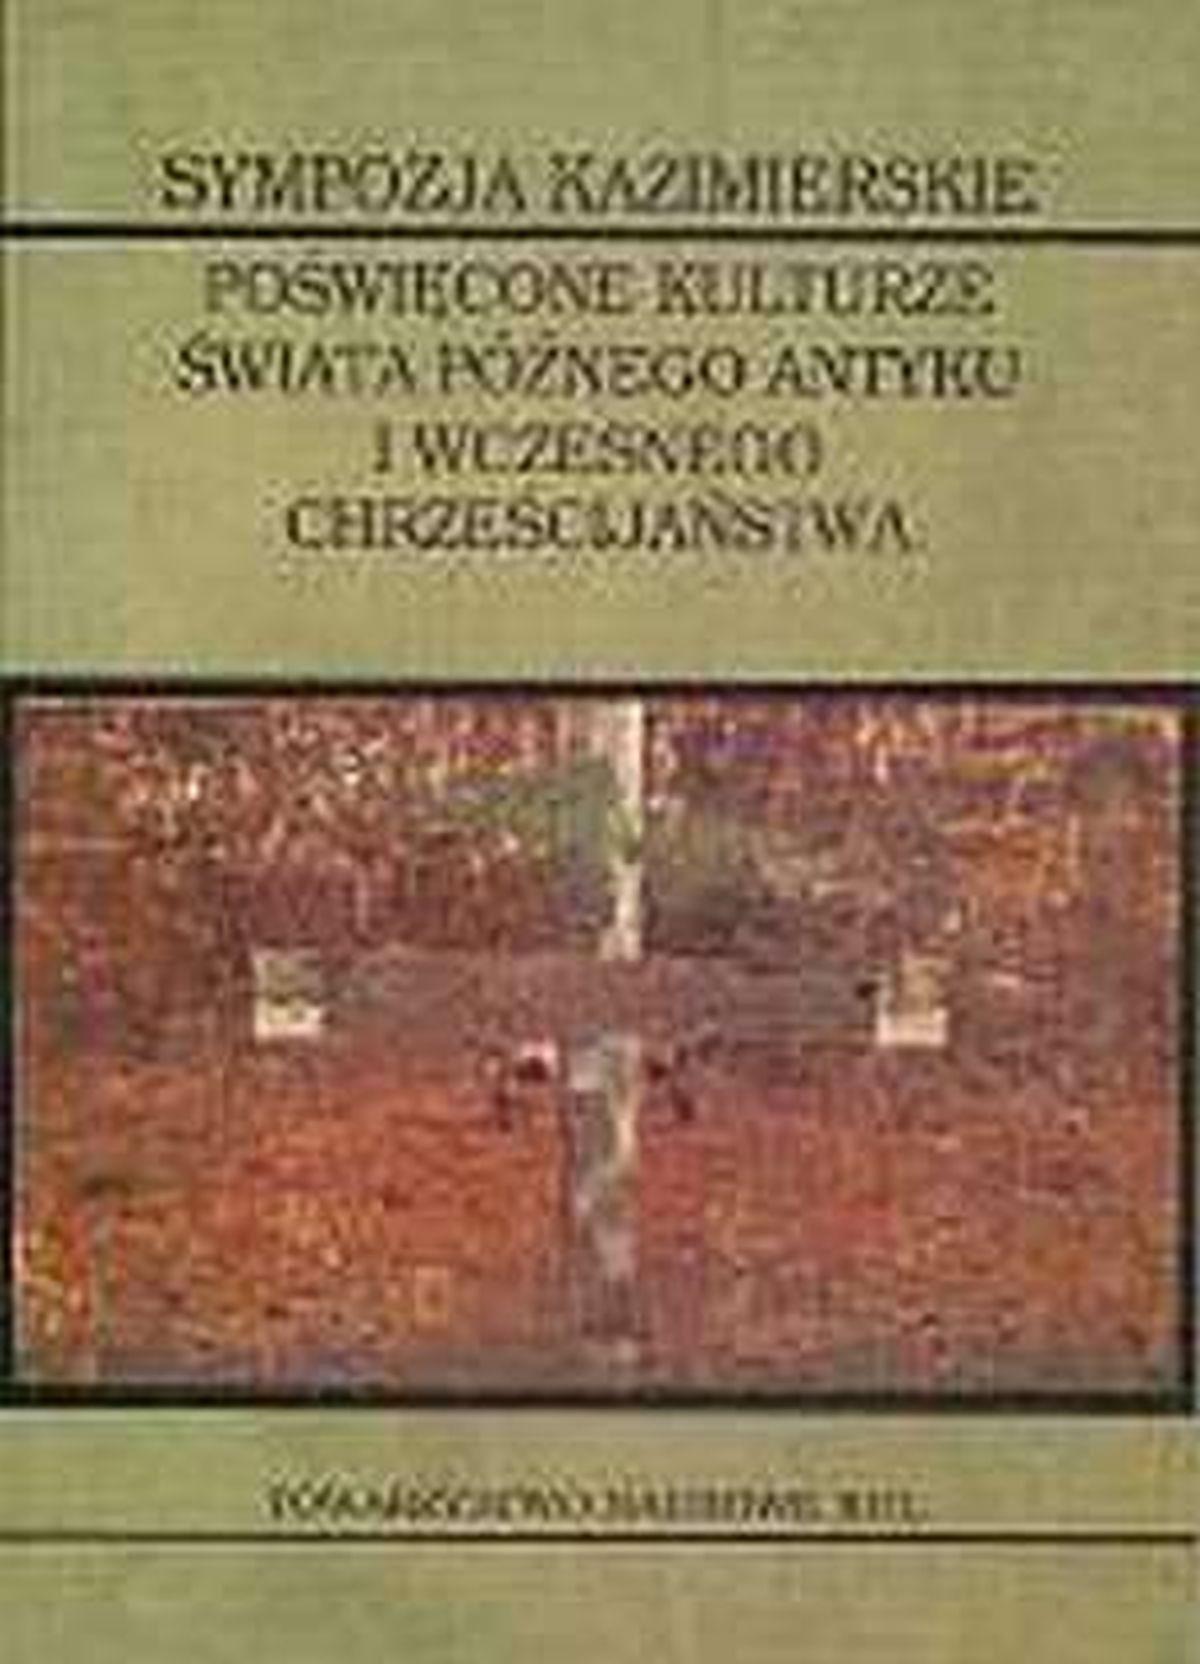 Bożena Iwaszkiewicz-Wronikowska (red.), Sympozja kazimierskie poświęcone kulturze świata późnego antyku i